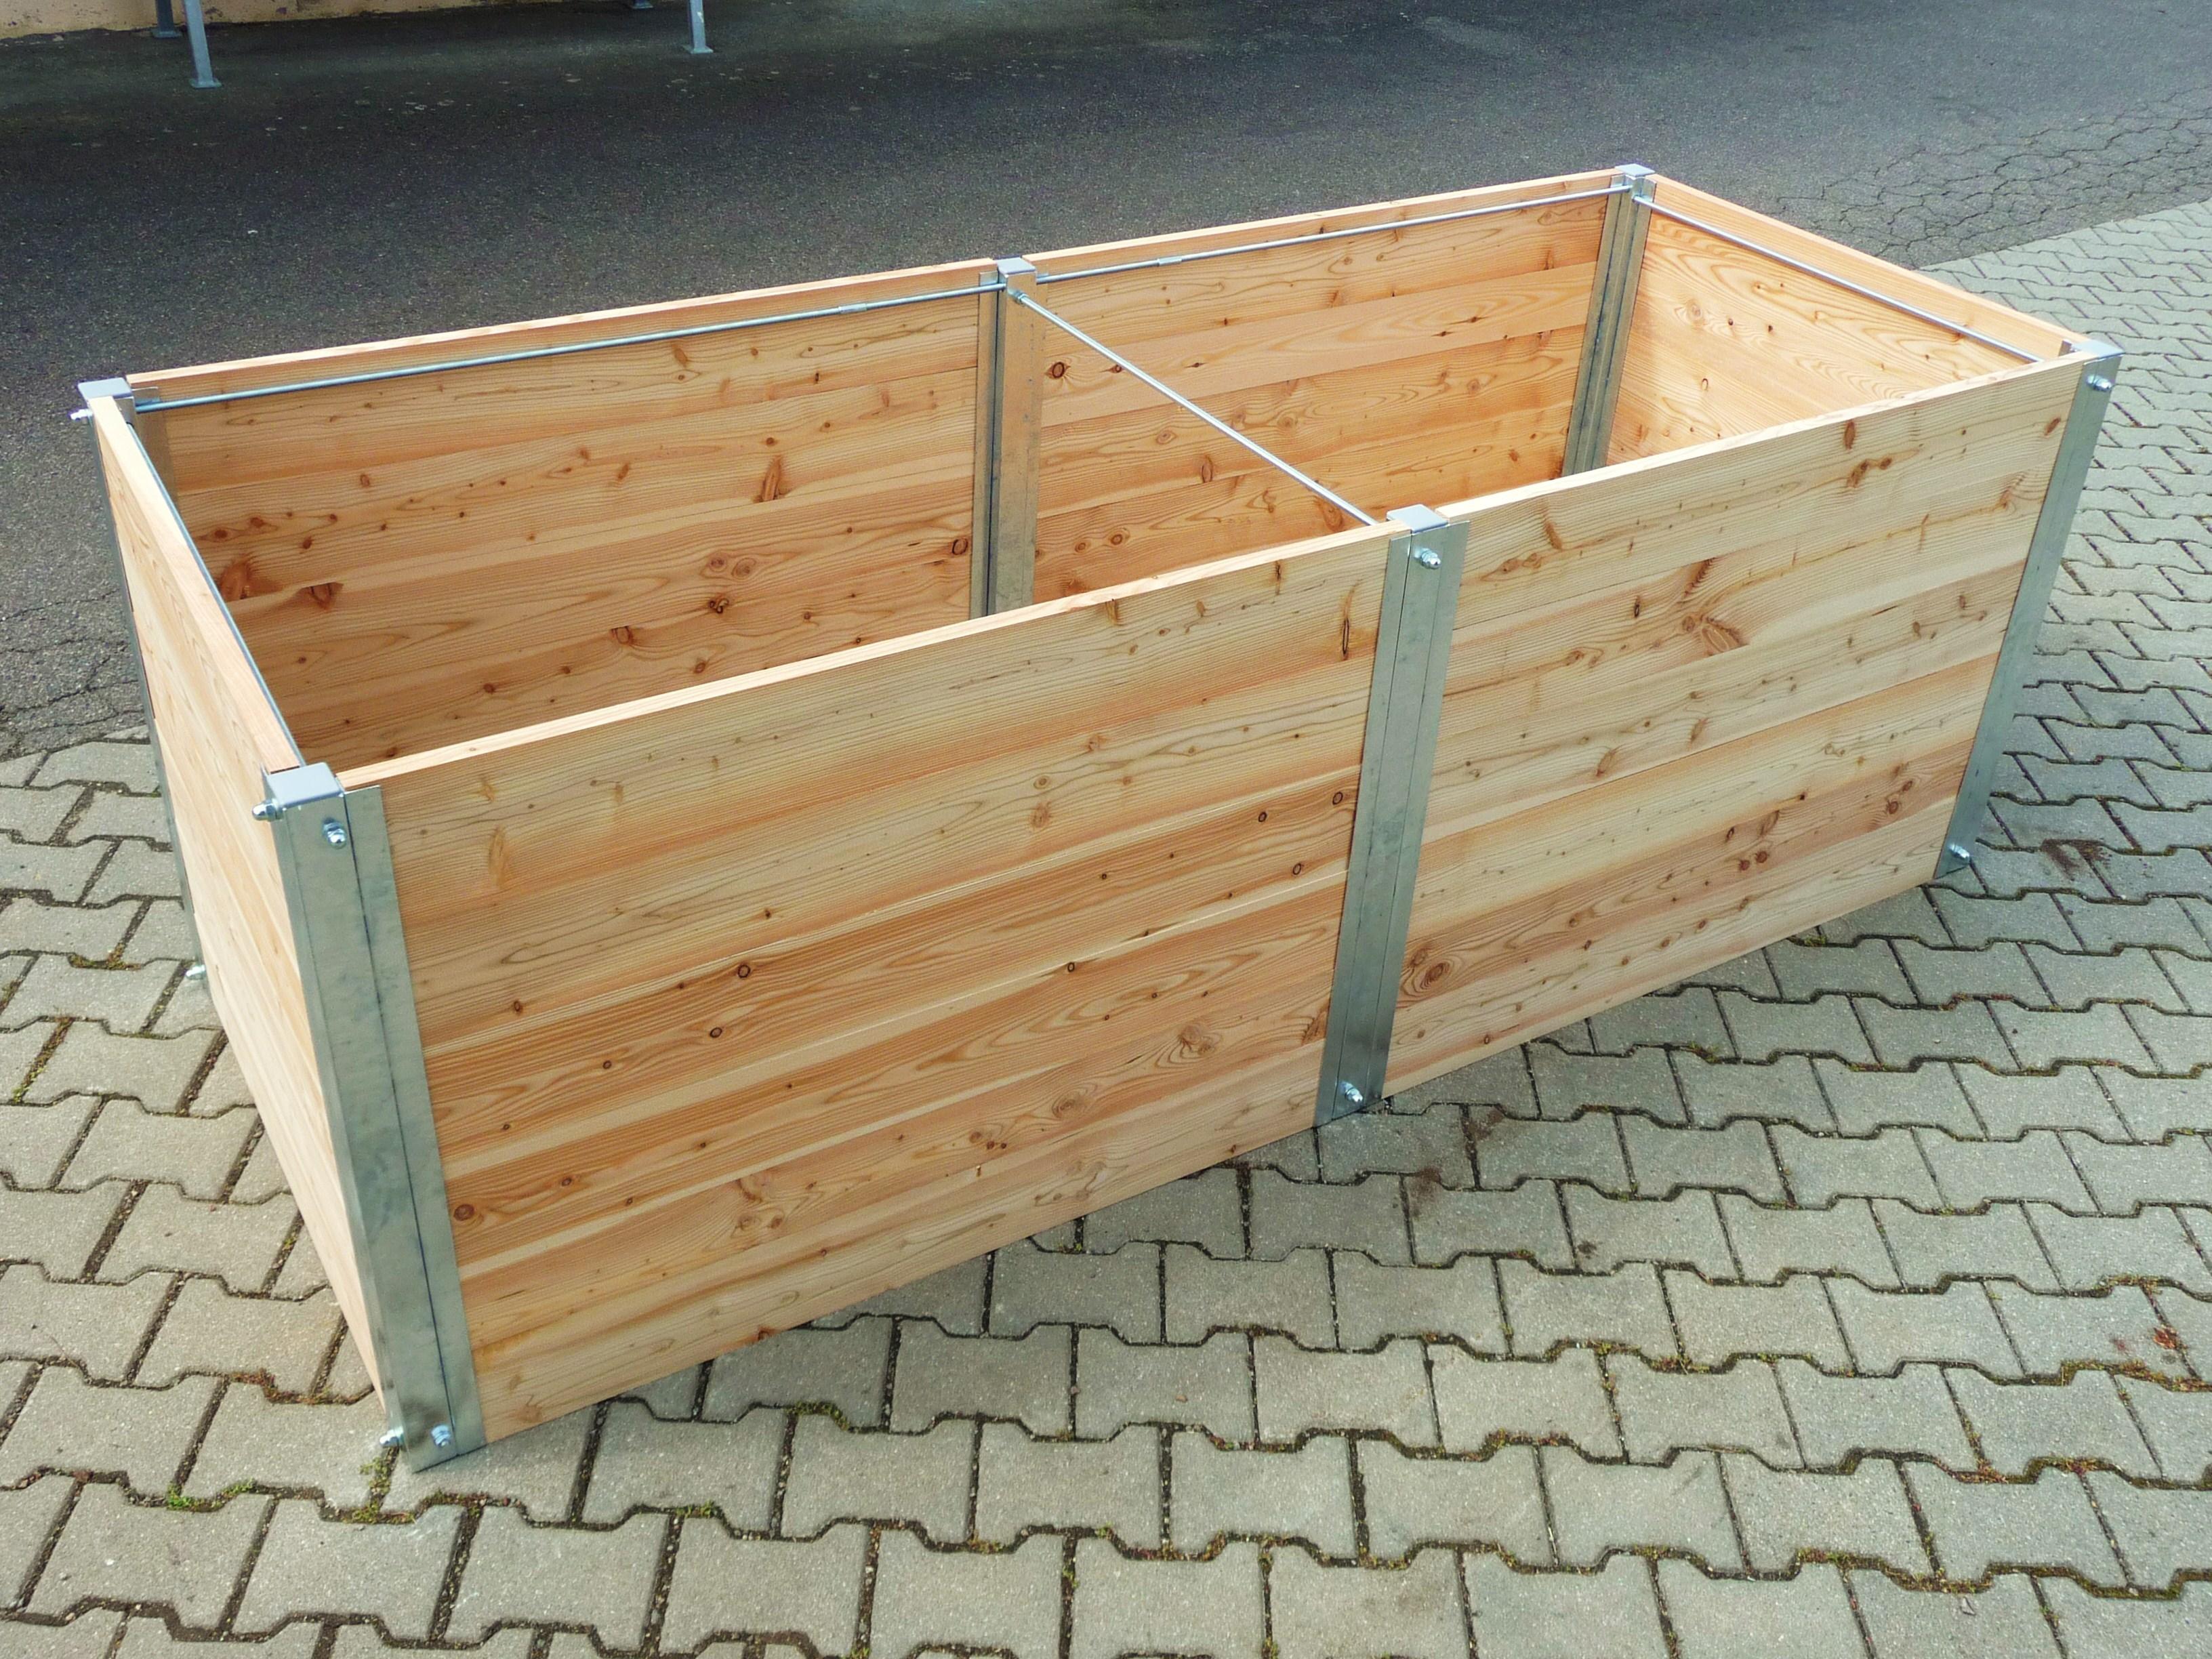 Schon Hochbeet Holz Bausatz Ce48 Startupjobsfa